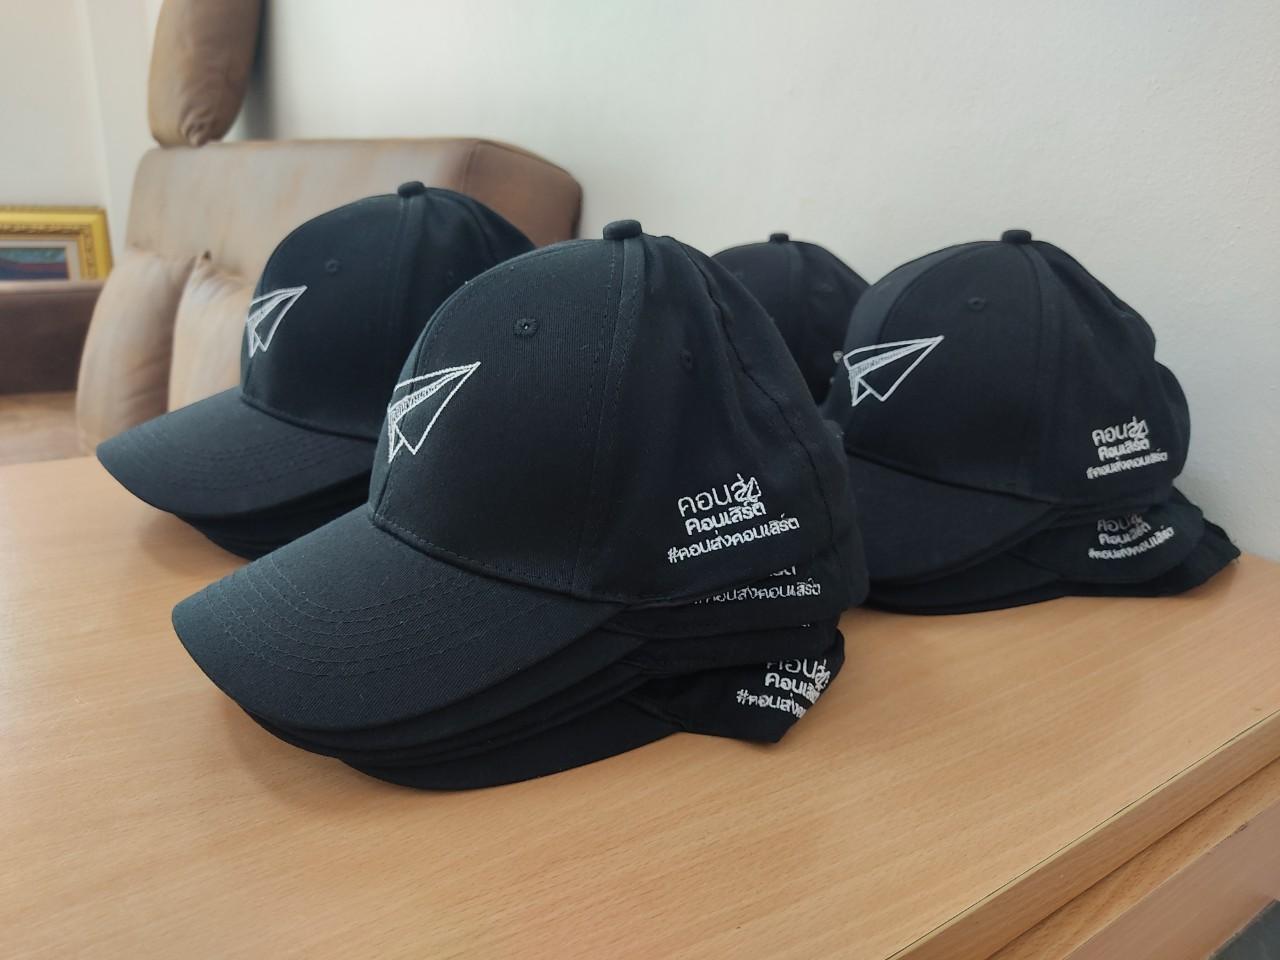 ร้านปักหมวก ขายหมวกพร้อมปัก